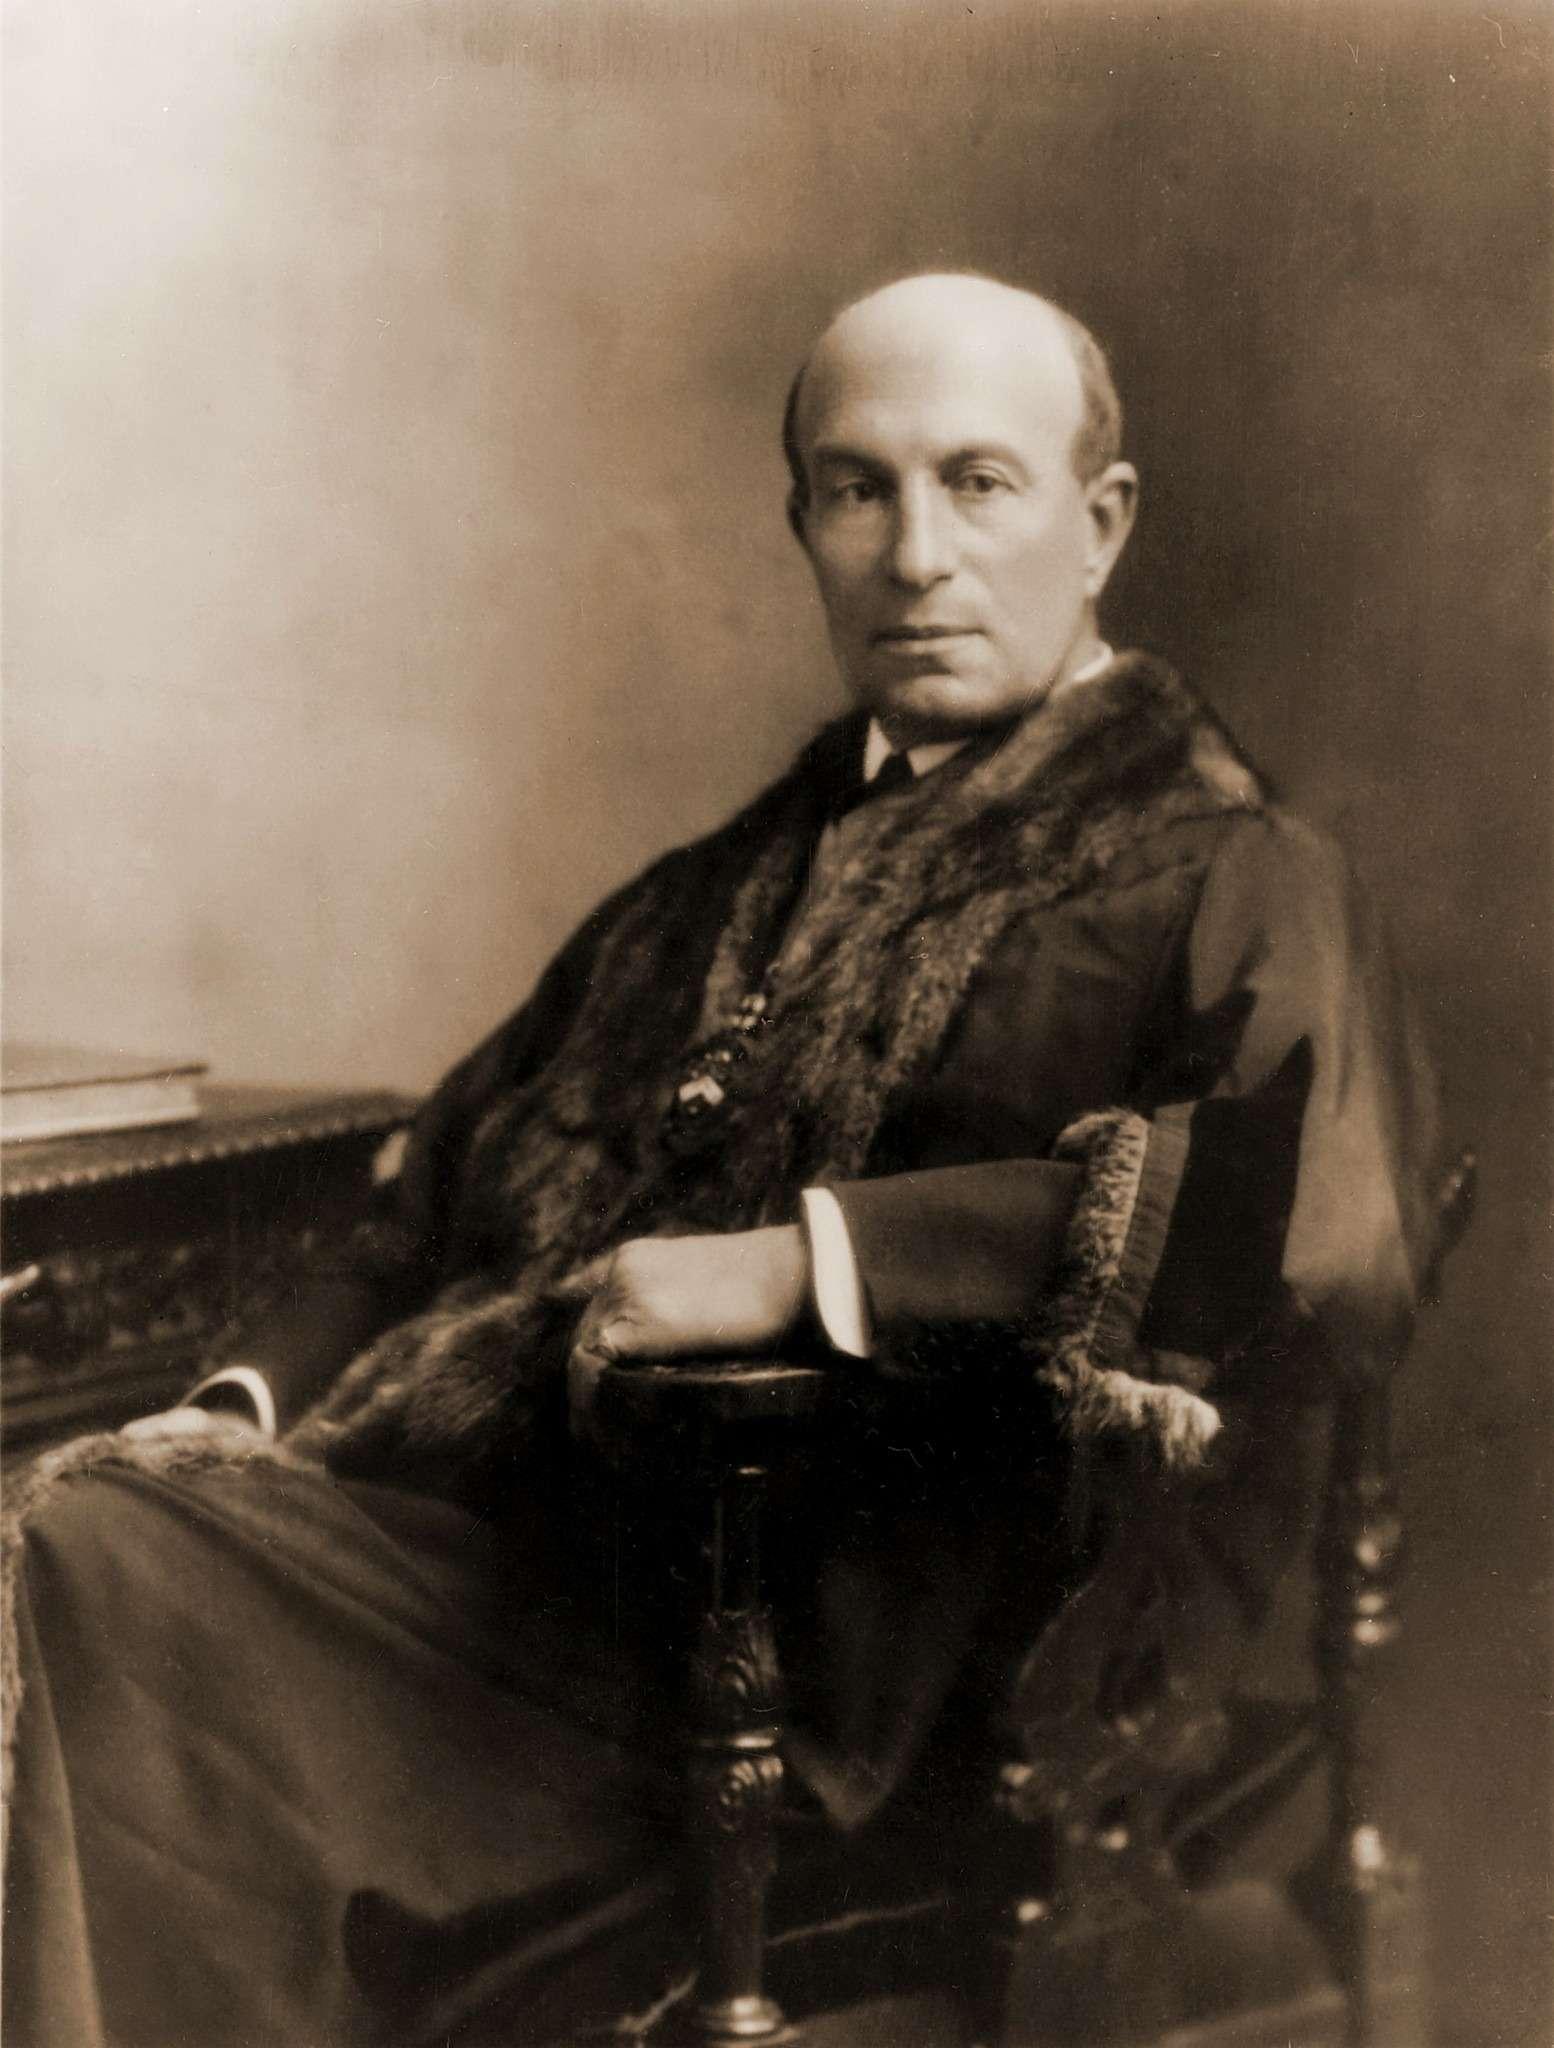 Генри Джон Лоусон, известный также как Гарри Лоусон (1852— 1925гг.)— видный британский промышленник, конструктор велосипедов, основатель The Daimler Motor Company Limited (компания была поглощена фирмой Jaguar Cars). Умер, оставив наследникам «состояние» всего в99фунтов